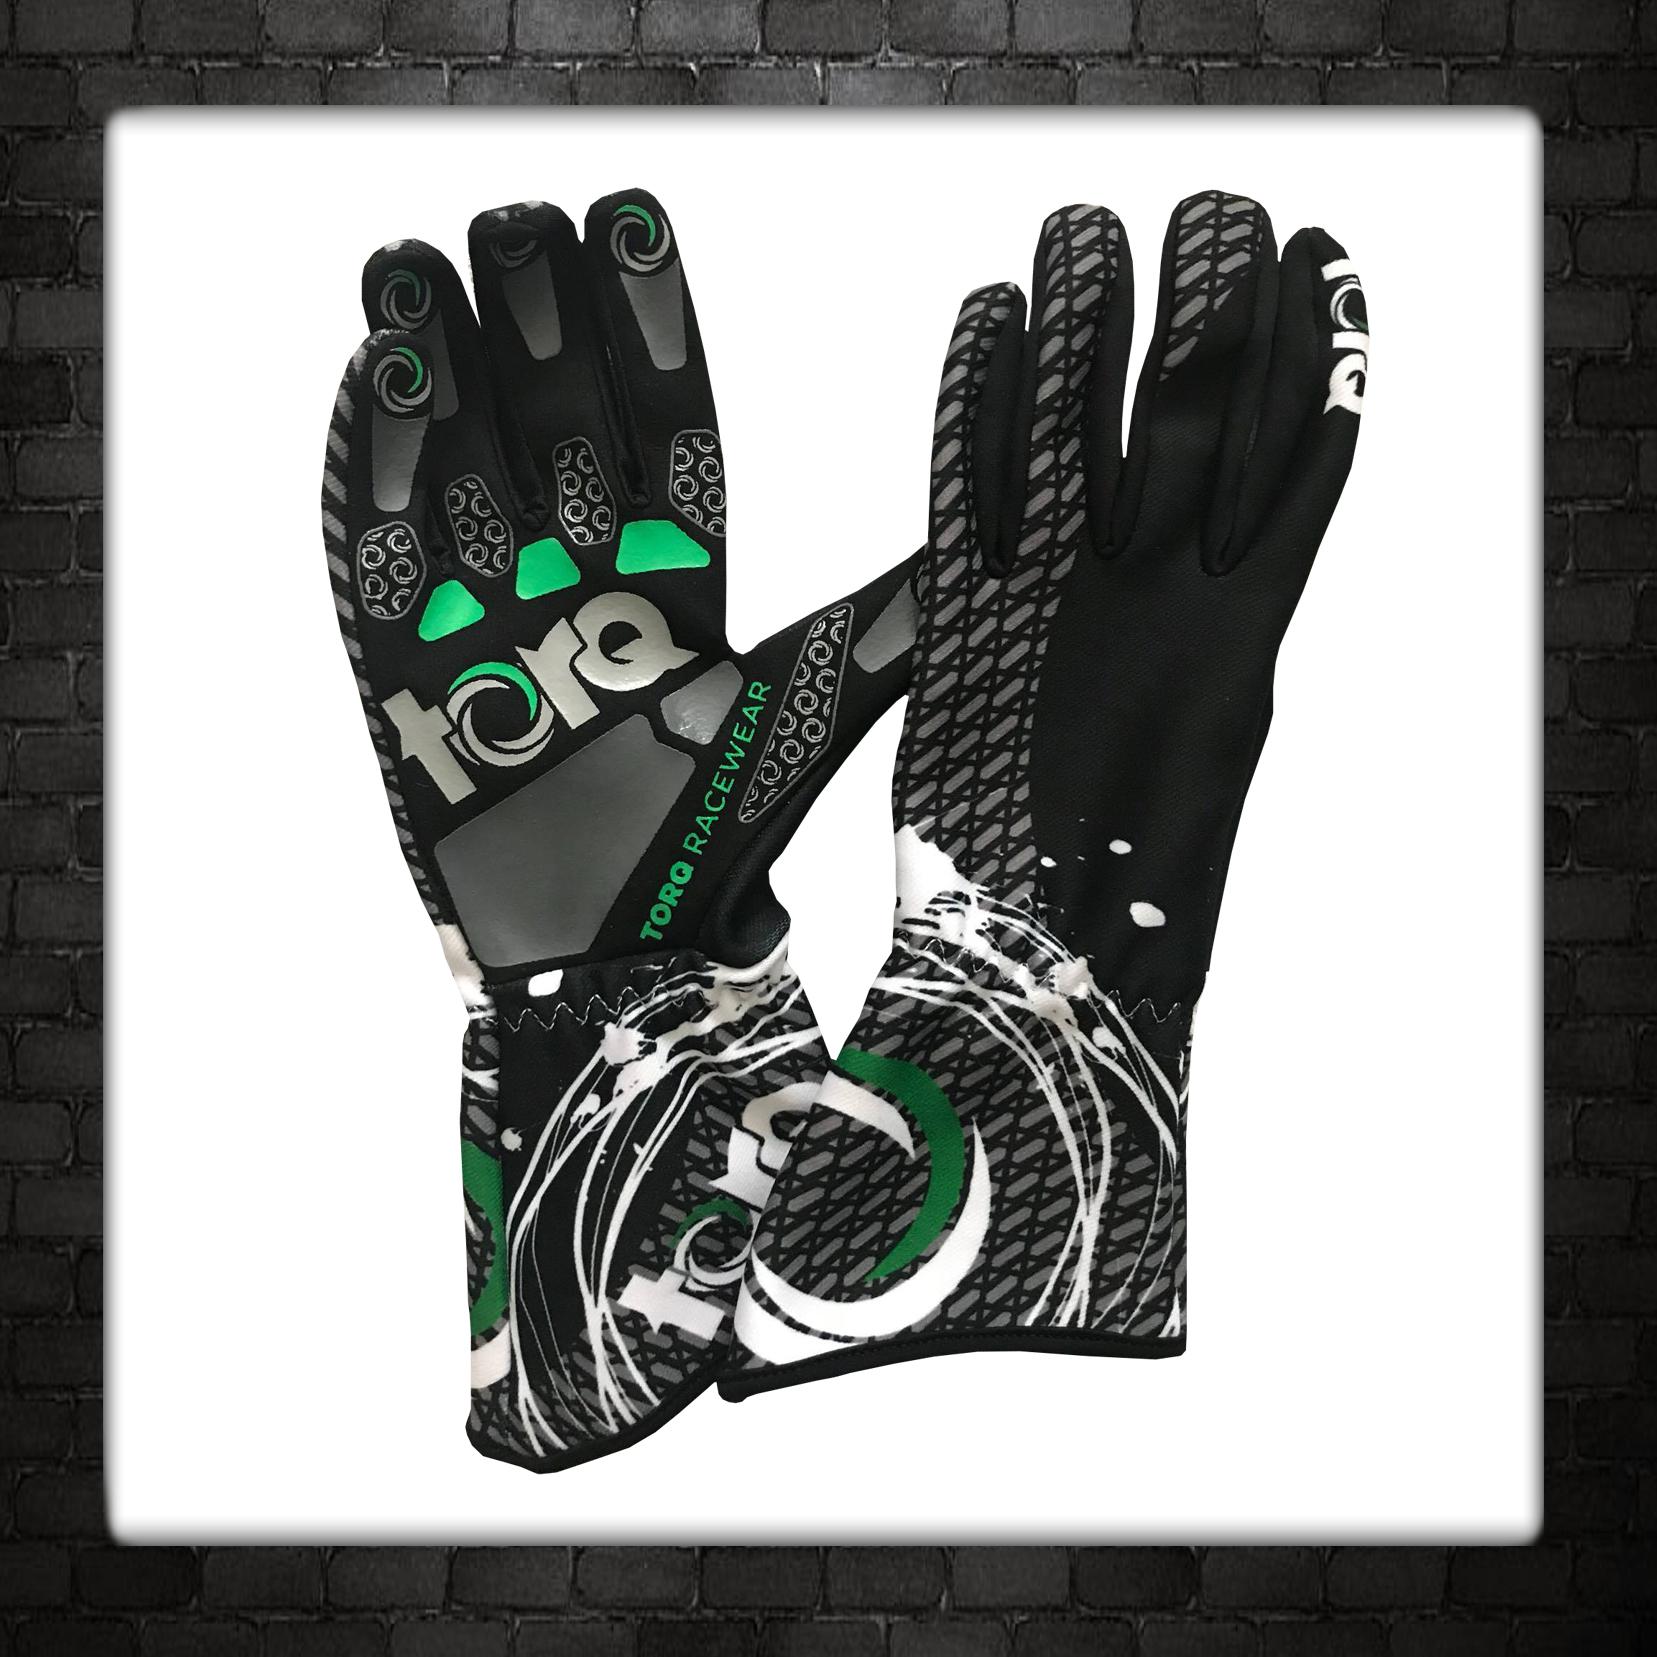 torq-gloves-black.jpg